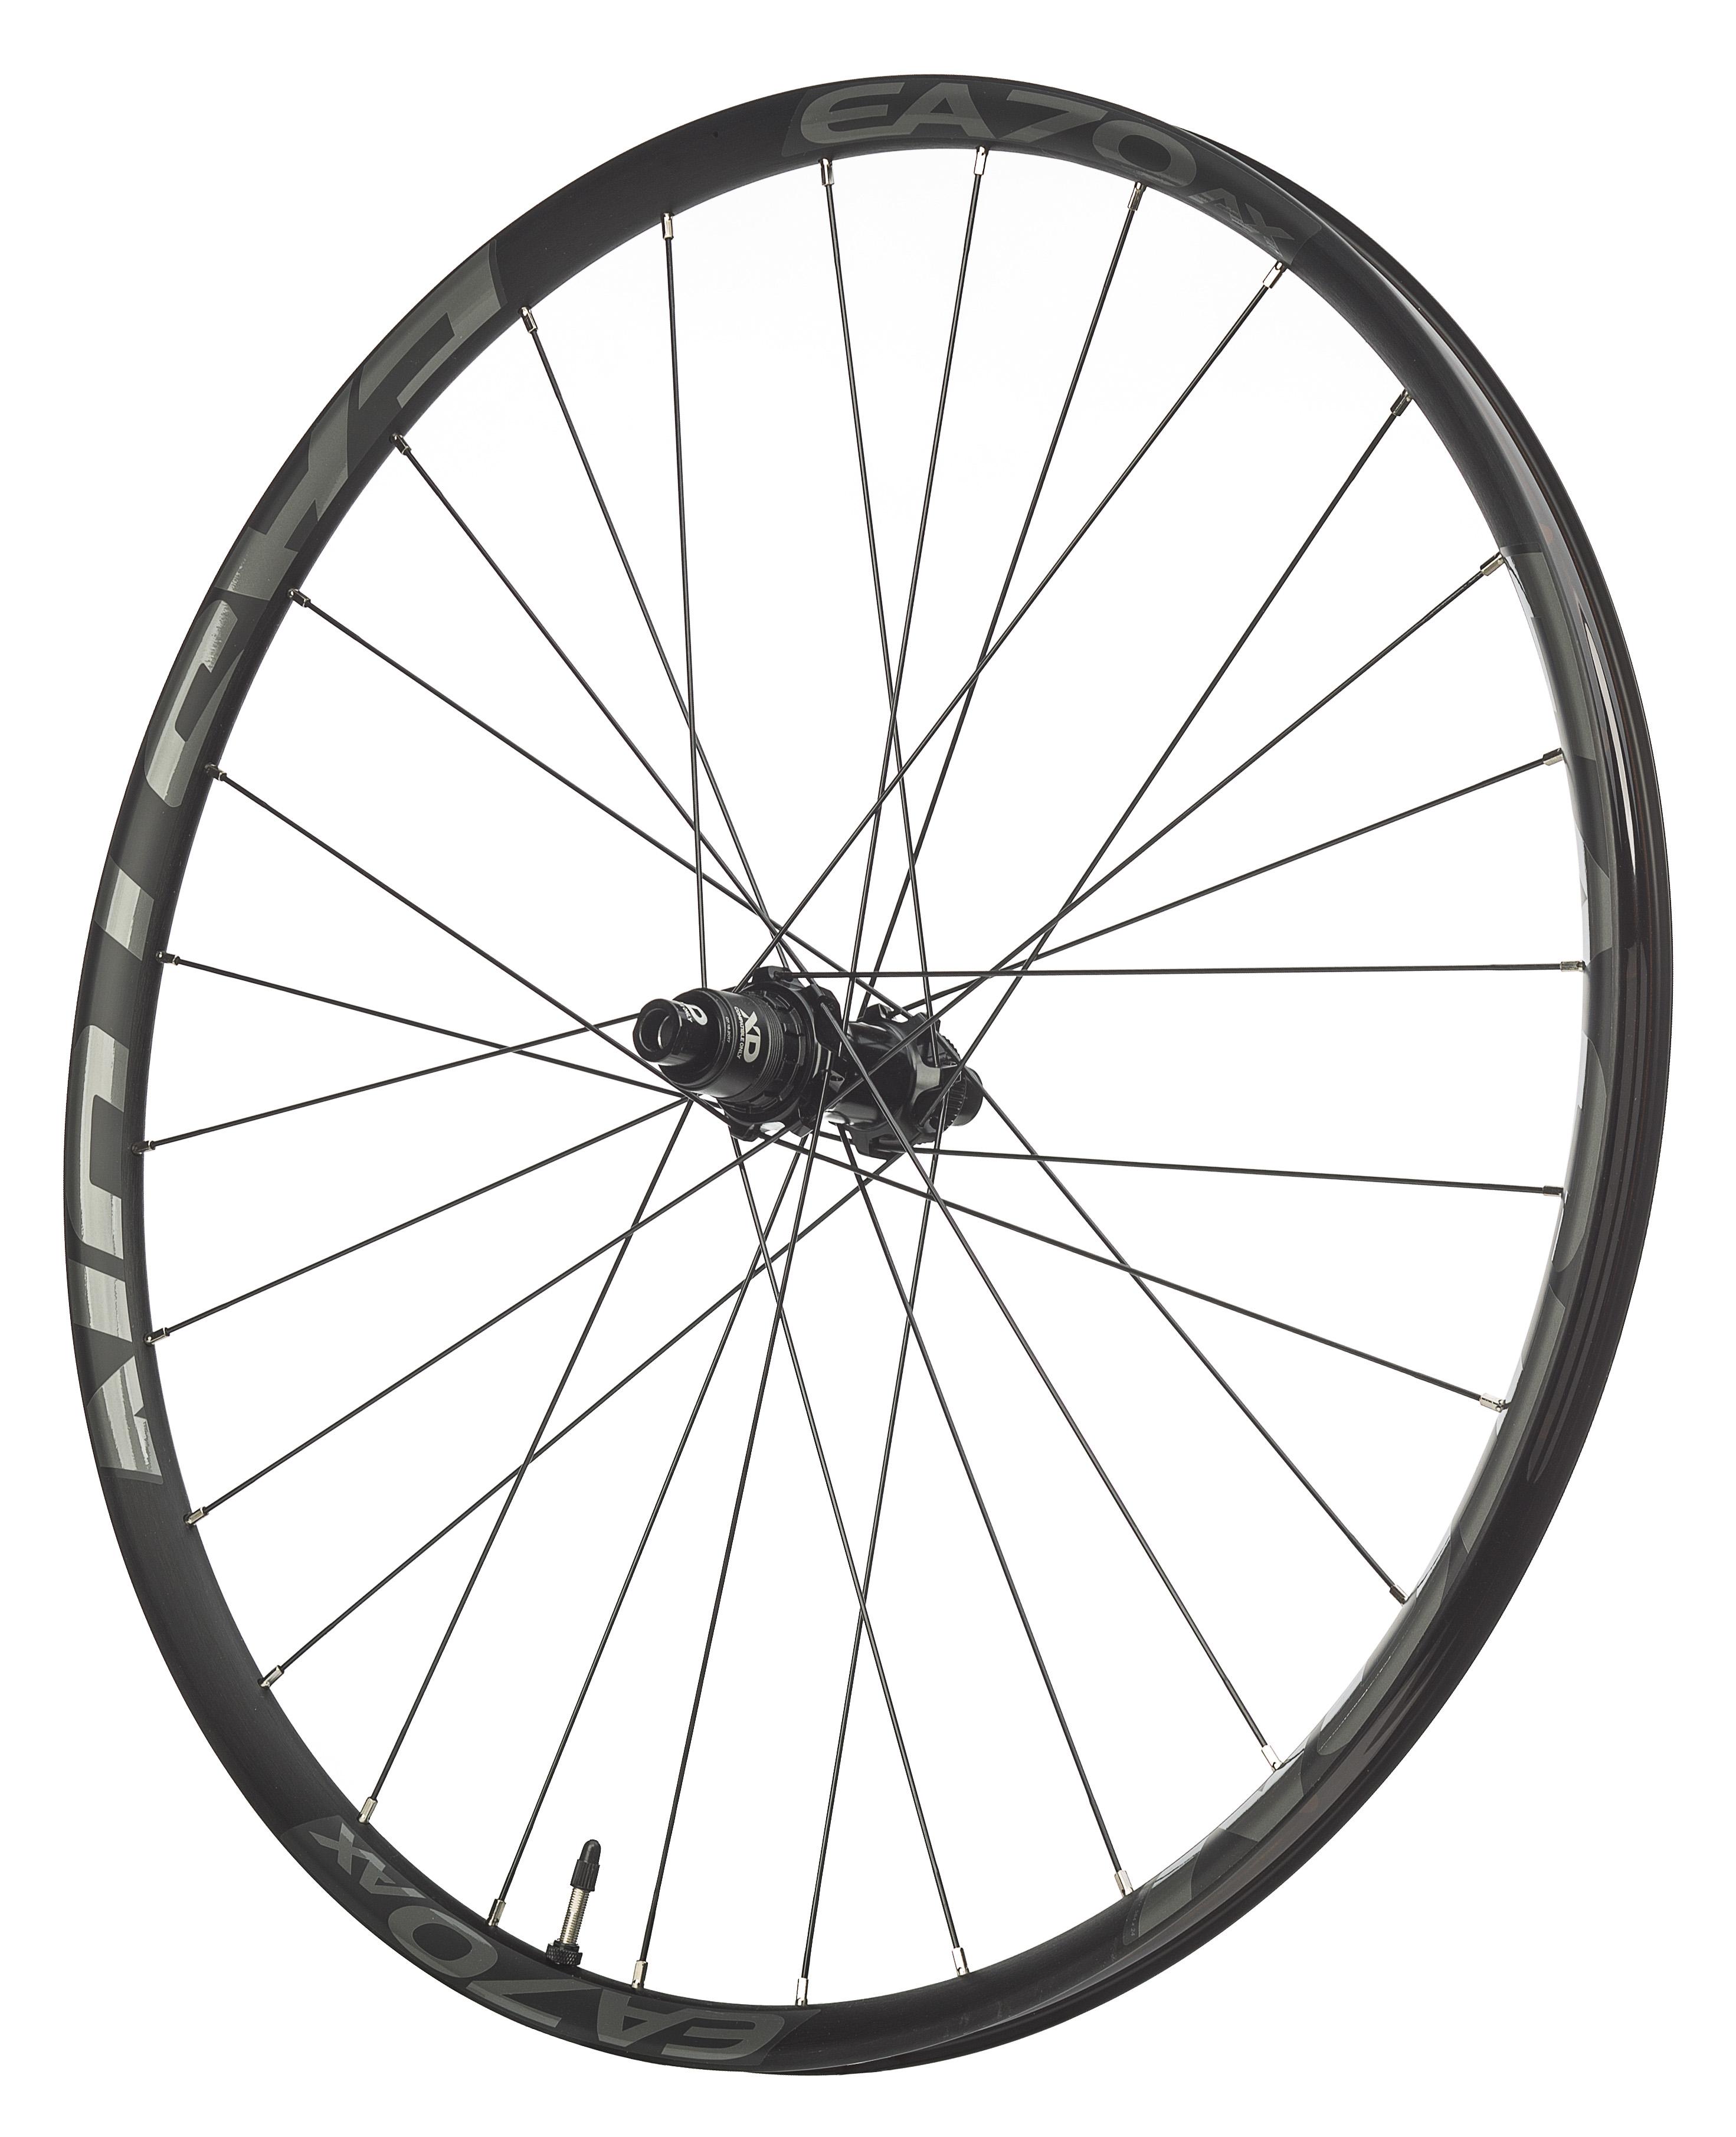 Easton | EA70 Ax 650B Disc Wheel Rear, 12X142mm or 10X135mm QR, SRAM XD | Aluminum